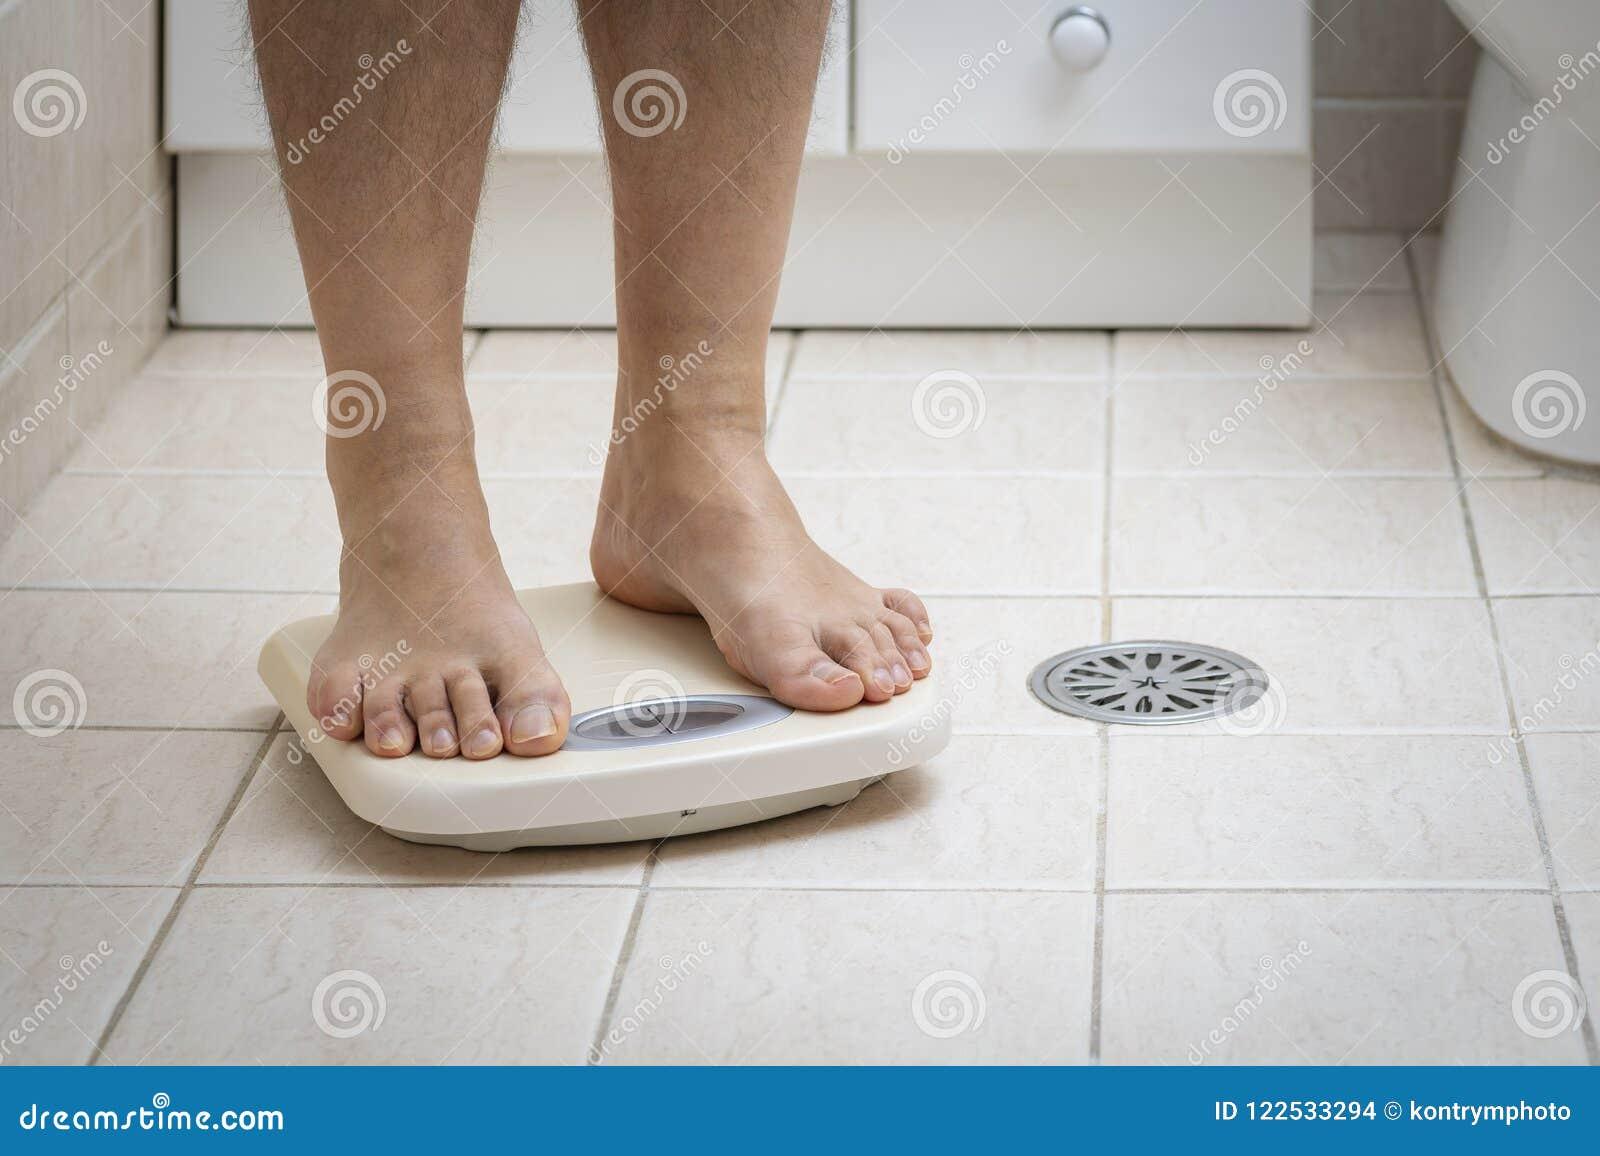 La imagen cosechada de los pies del hombre que se colocan encendido pesa la escala